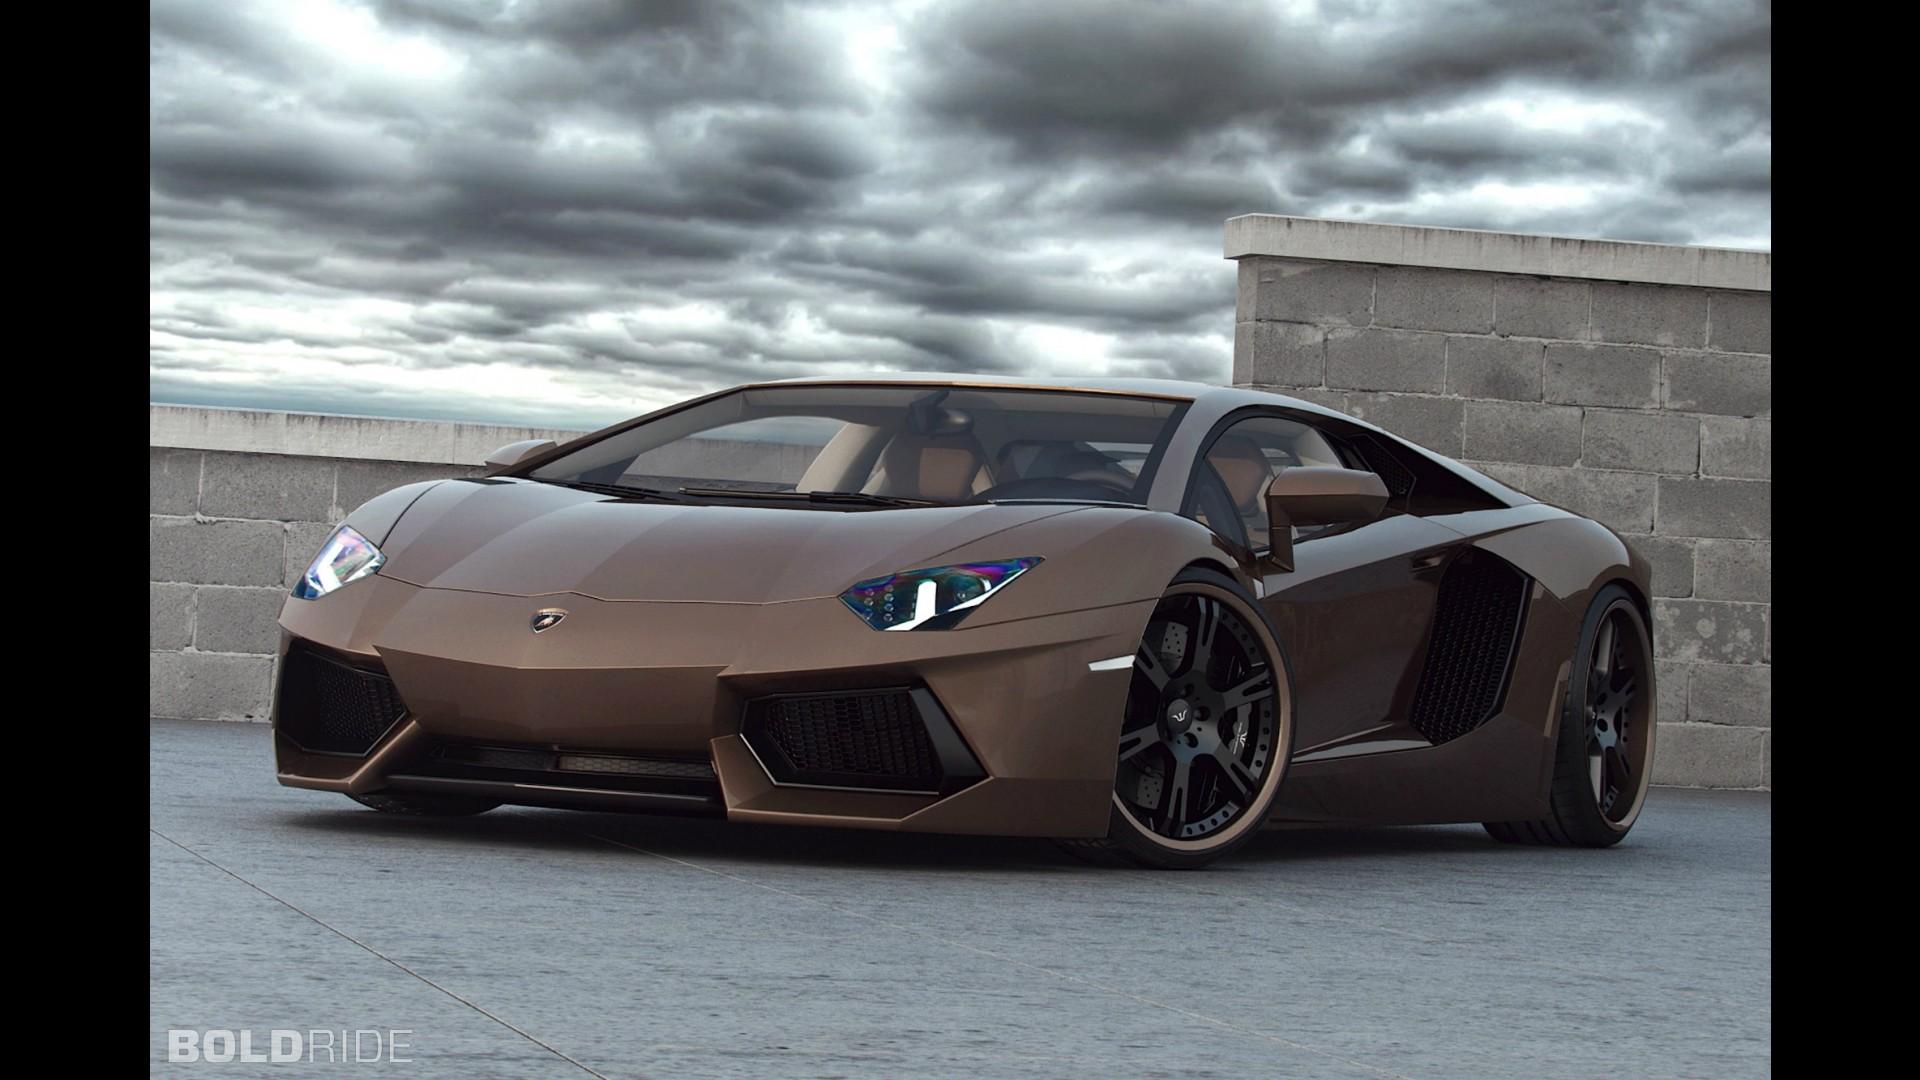 Lamborghini pictures 2012 aventador lp700 4 rabbioso - Lamborghini Pictures 2012 Aventador Lp700 4 Rabbioso 5